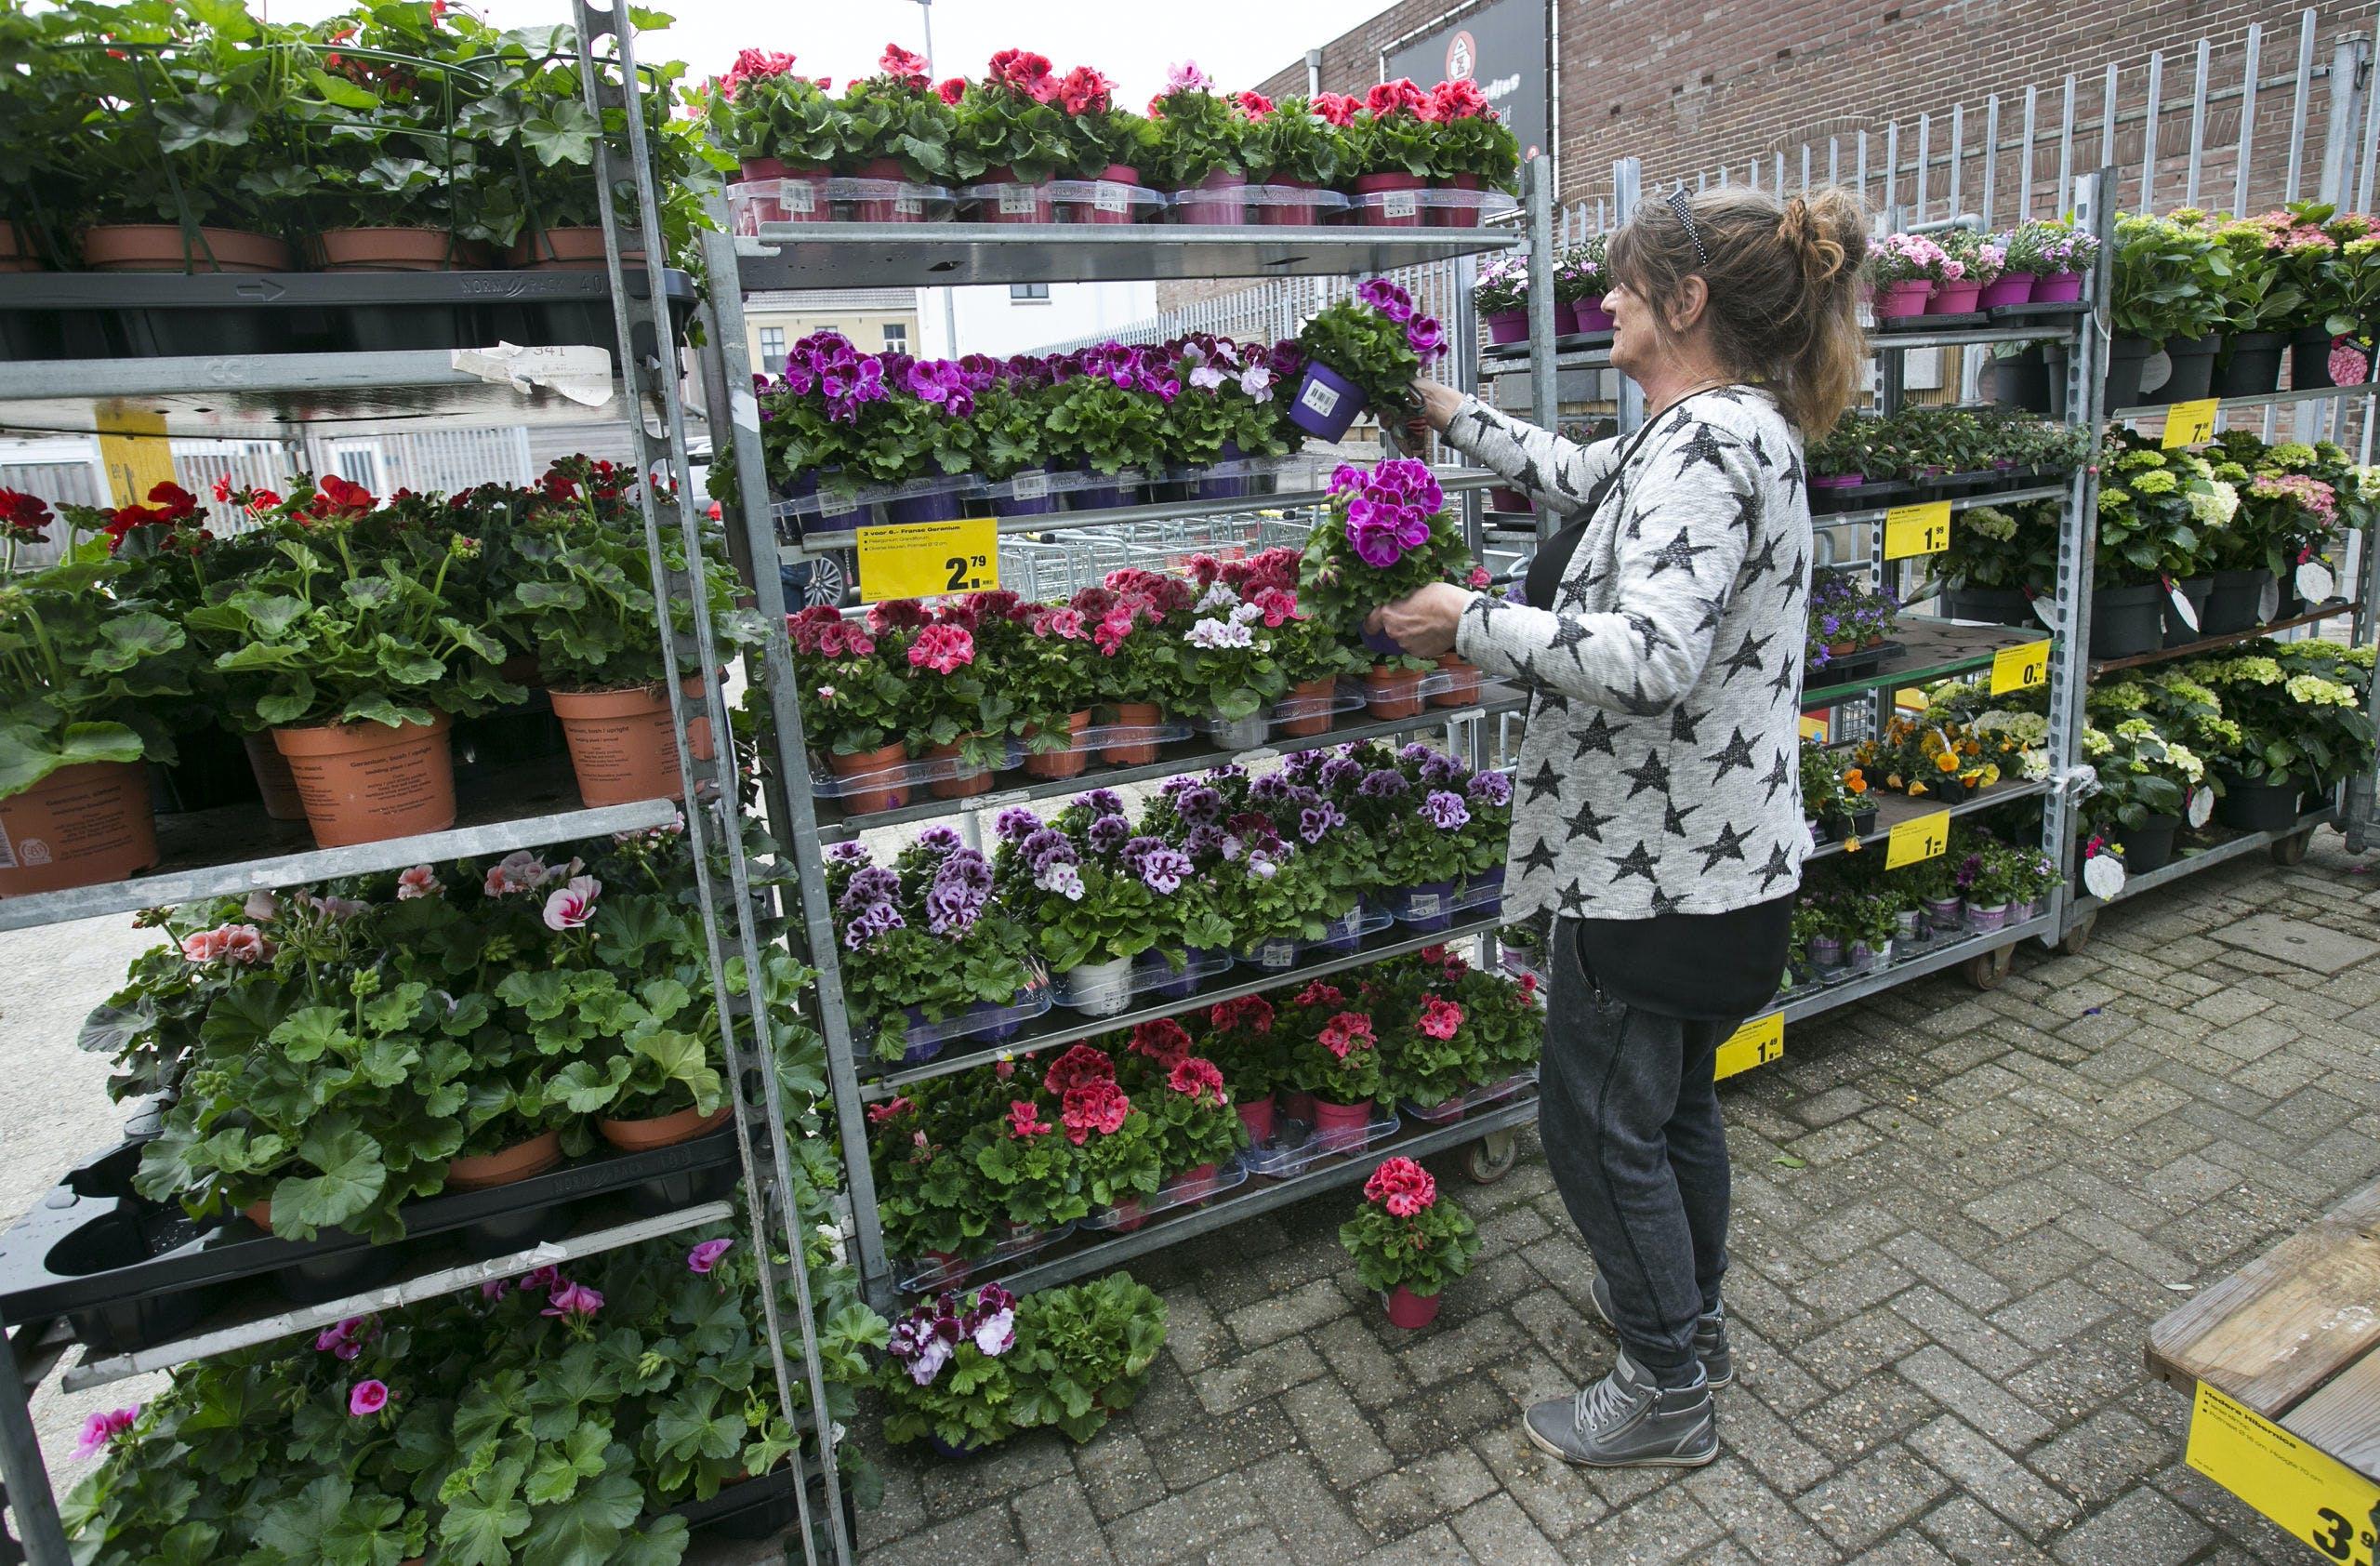 Plantjesmarkt bij Praxis in Arnhem. Bouwmarkten zagen hun omzet stijgen vorig jaar.